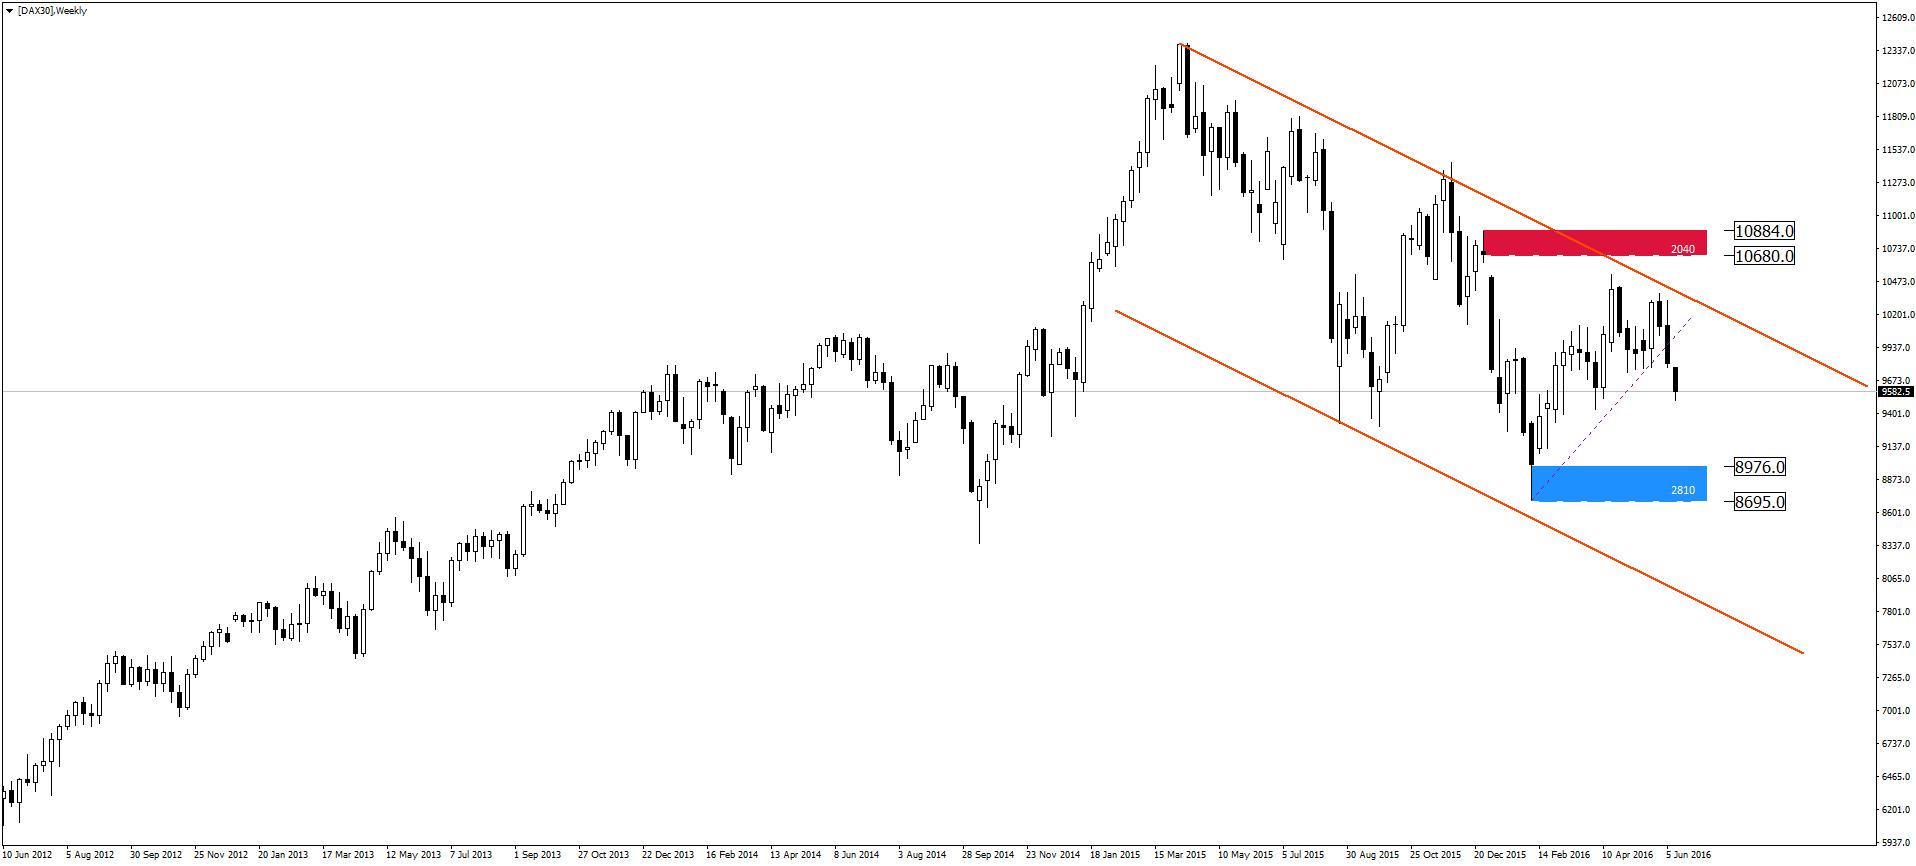 Chart [DAX30], W1, 2016.06.14 12:07 UTC, Admiral Markets AS, MetaTrader 4, Real